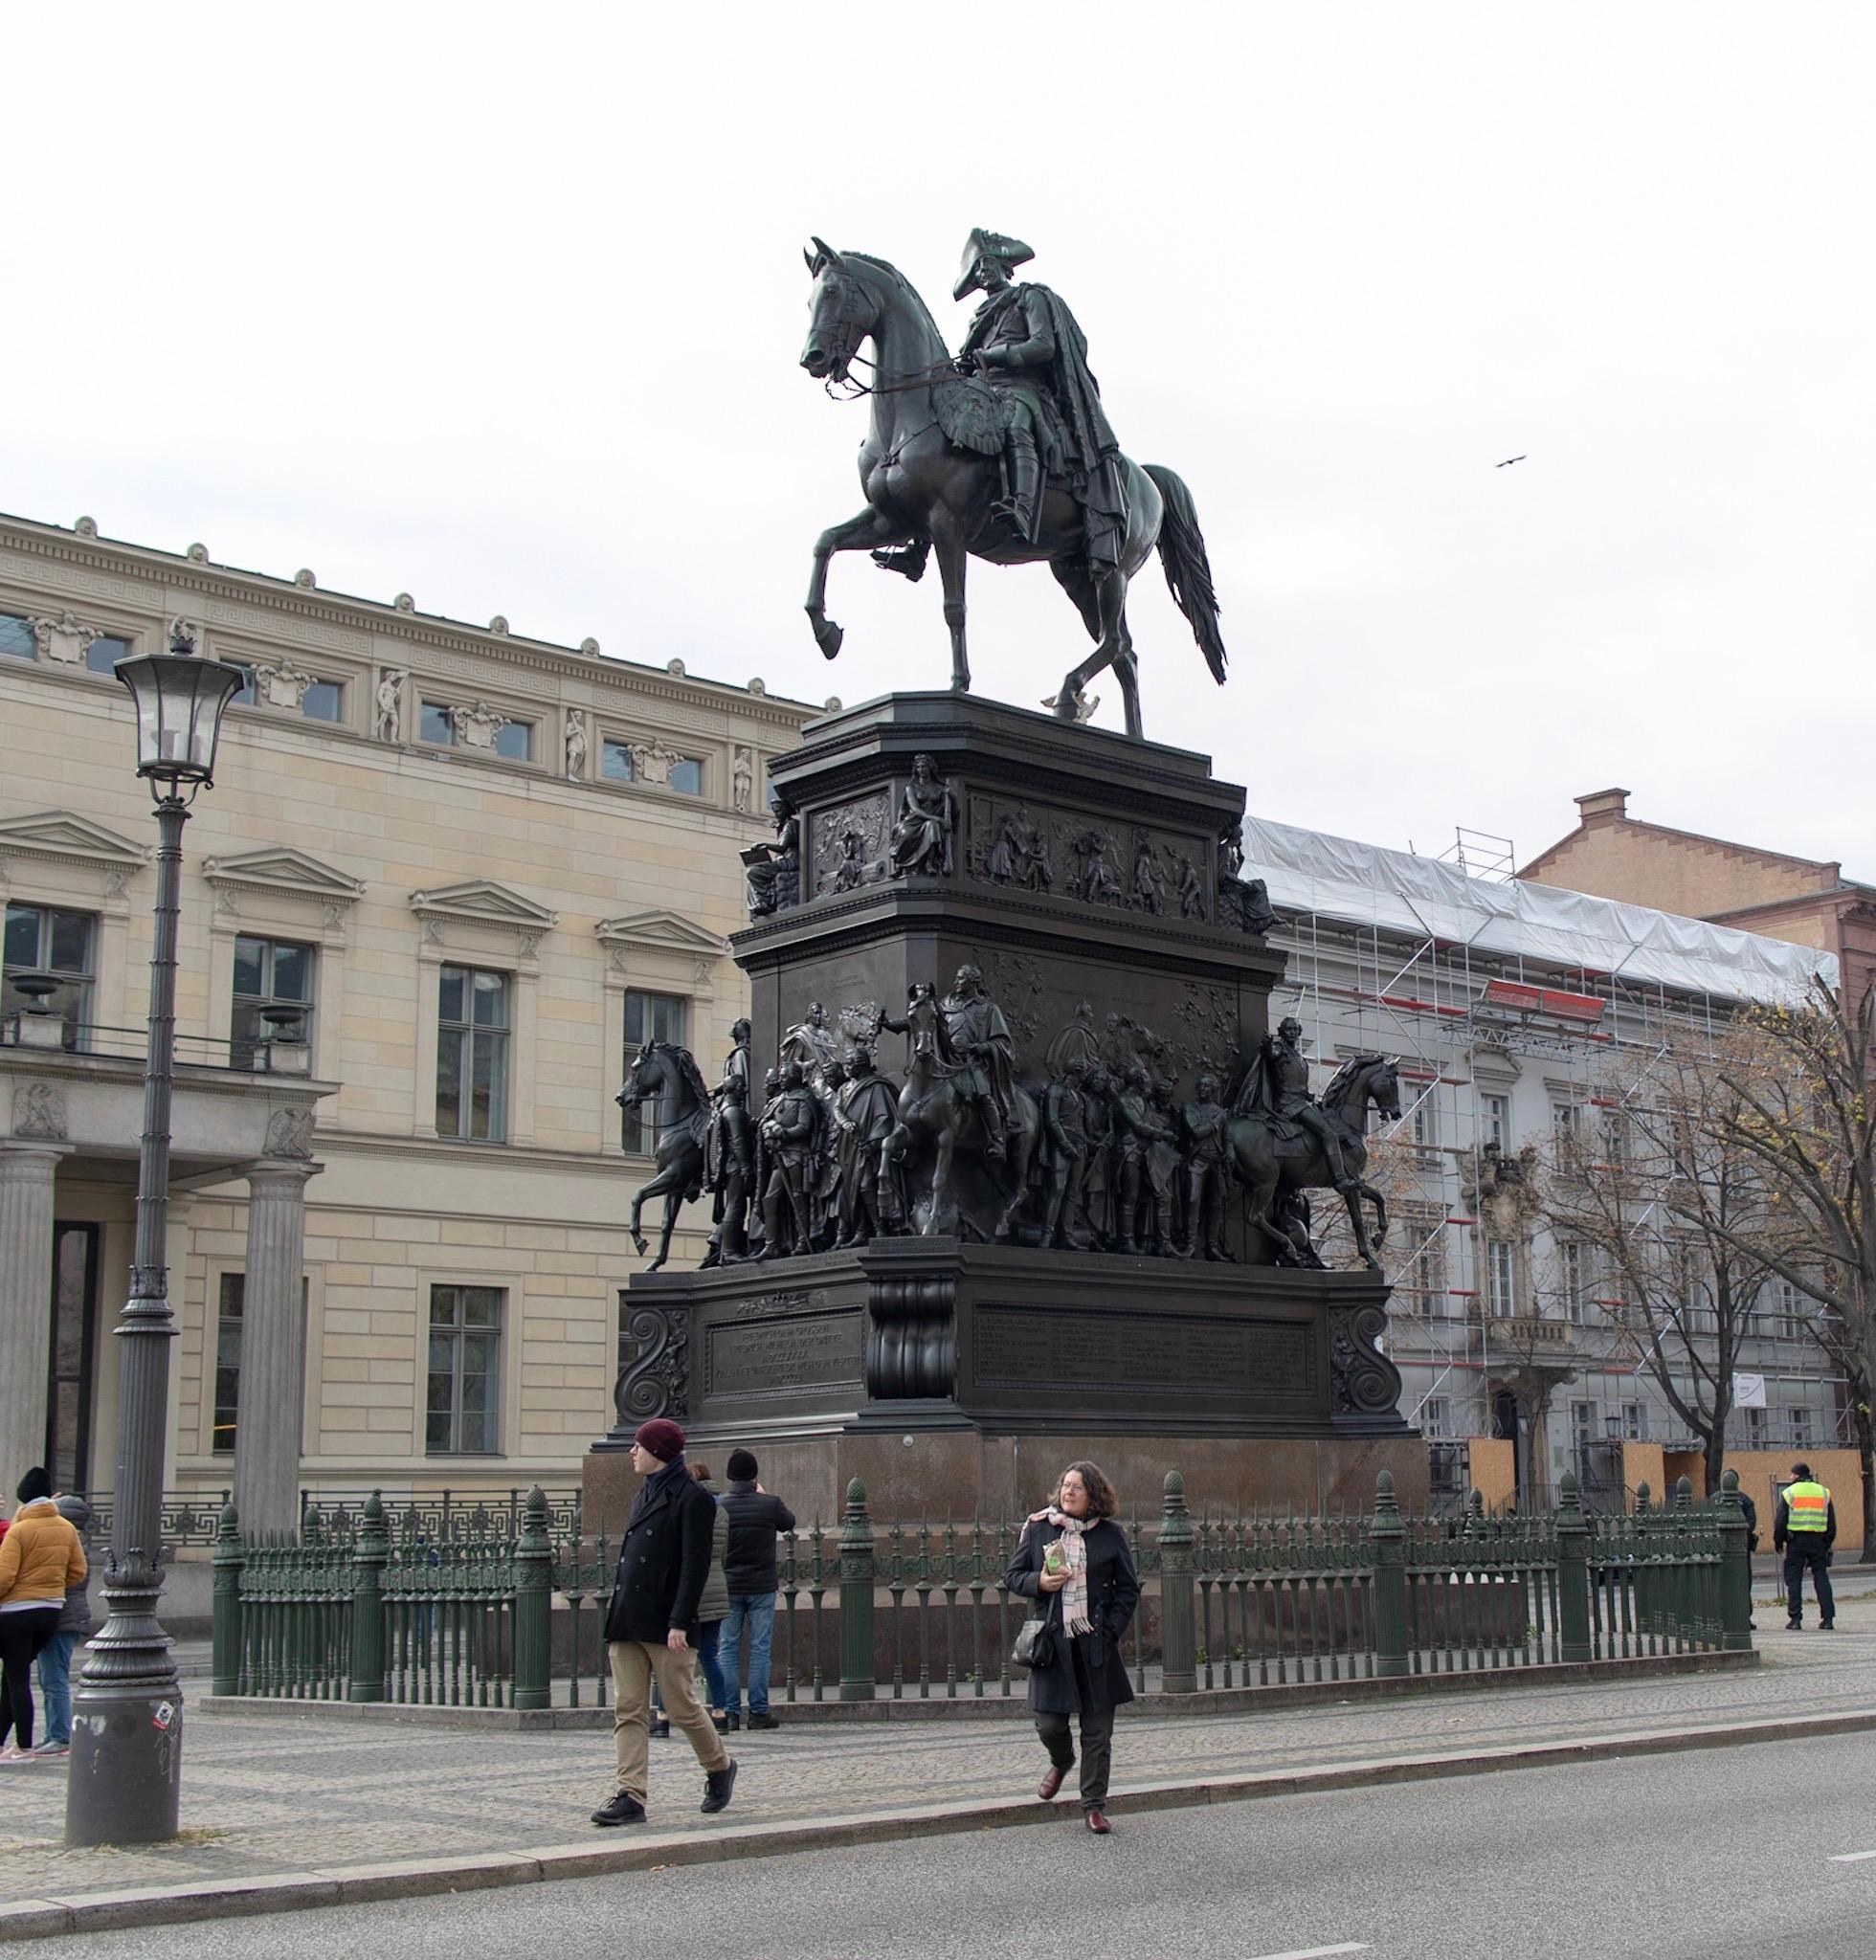 Statue of King Friedrich II